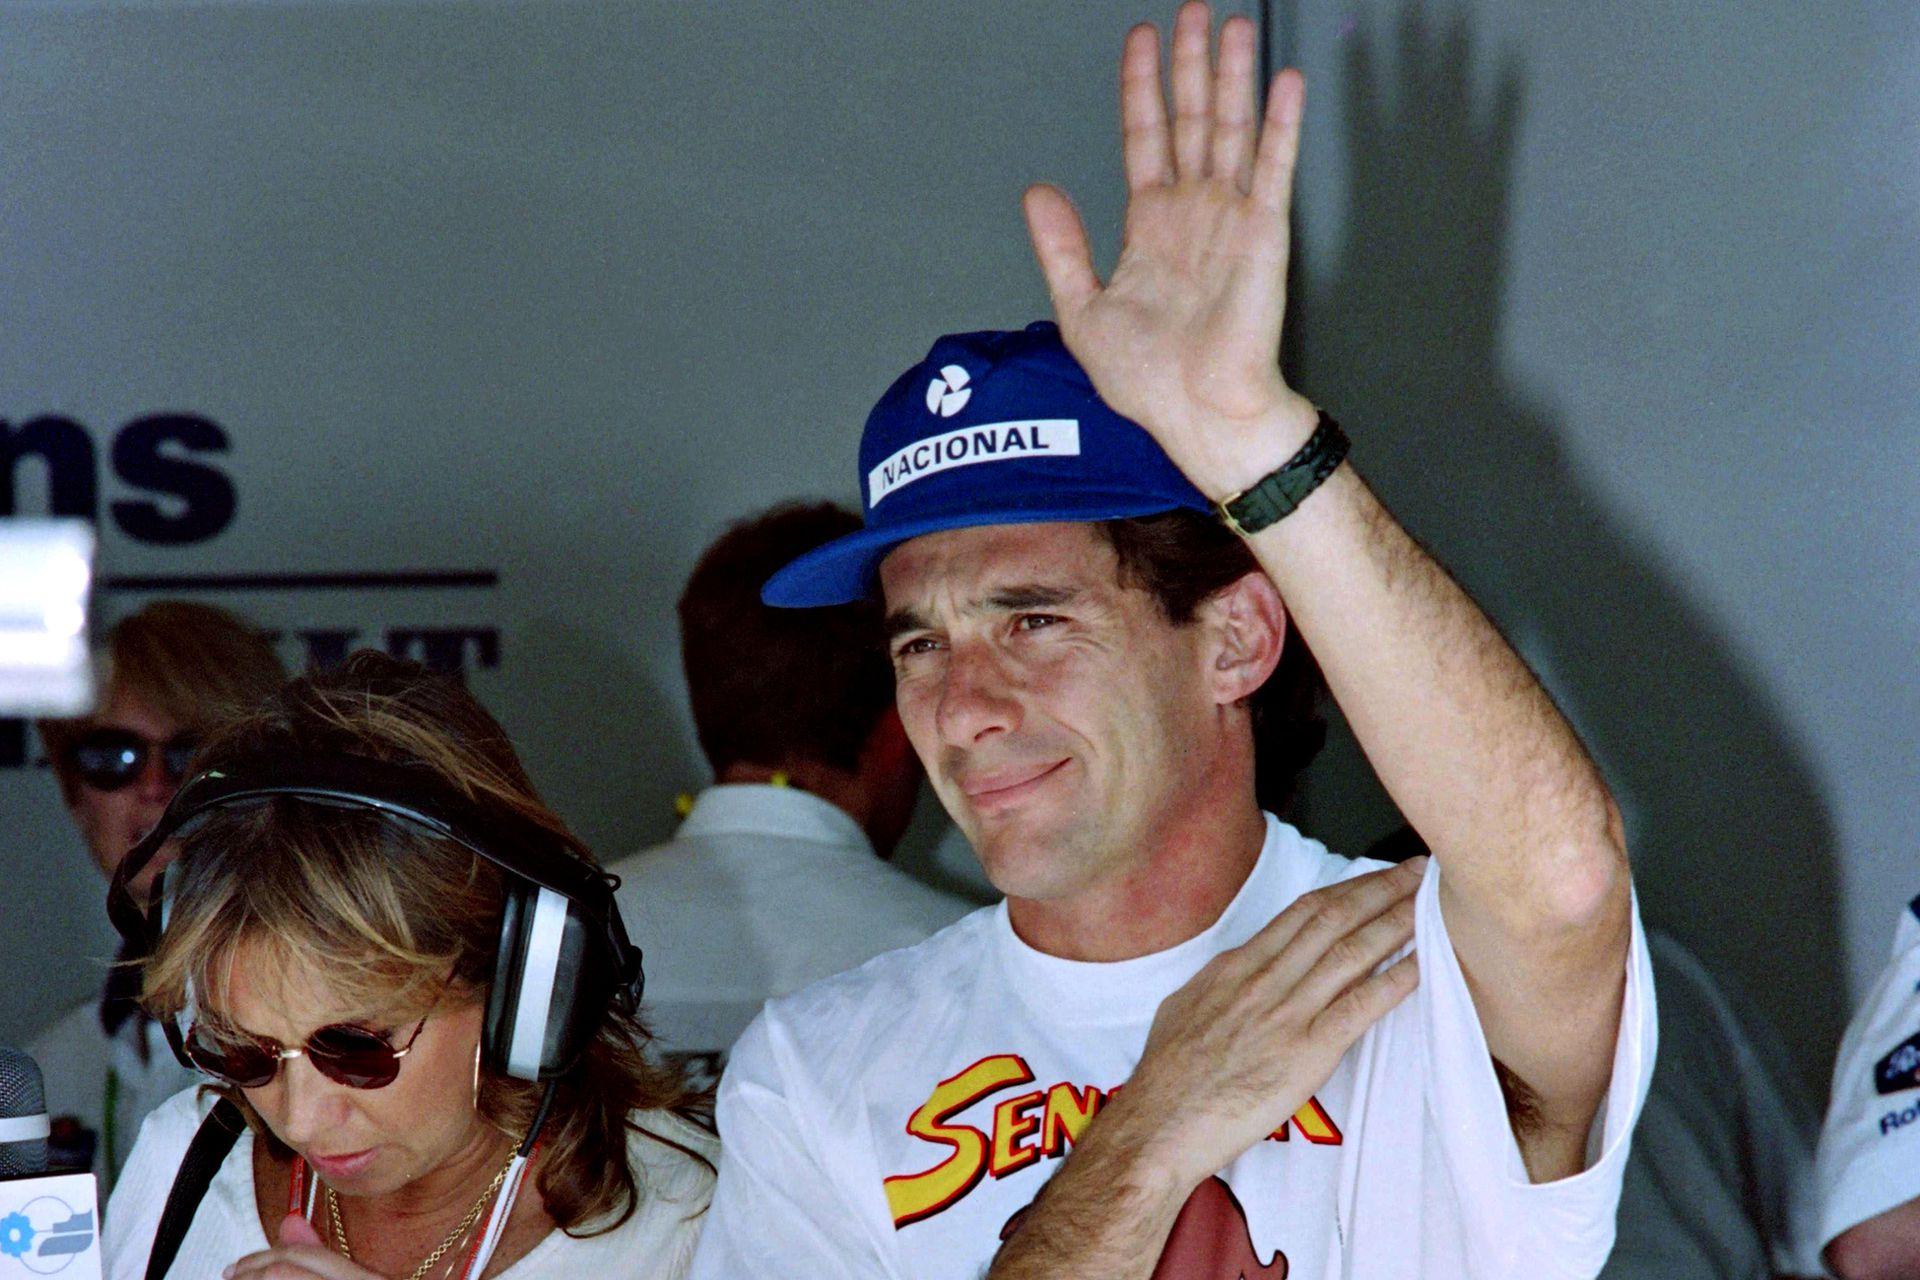 Senna saluda a los aficionados después de las prácticas de clasificación para el Gran Premio del Pacífico, en Aida, el 16 de abril de 1994